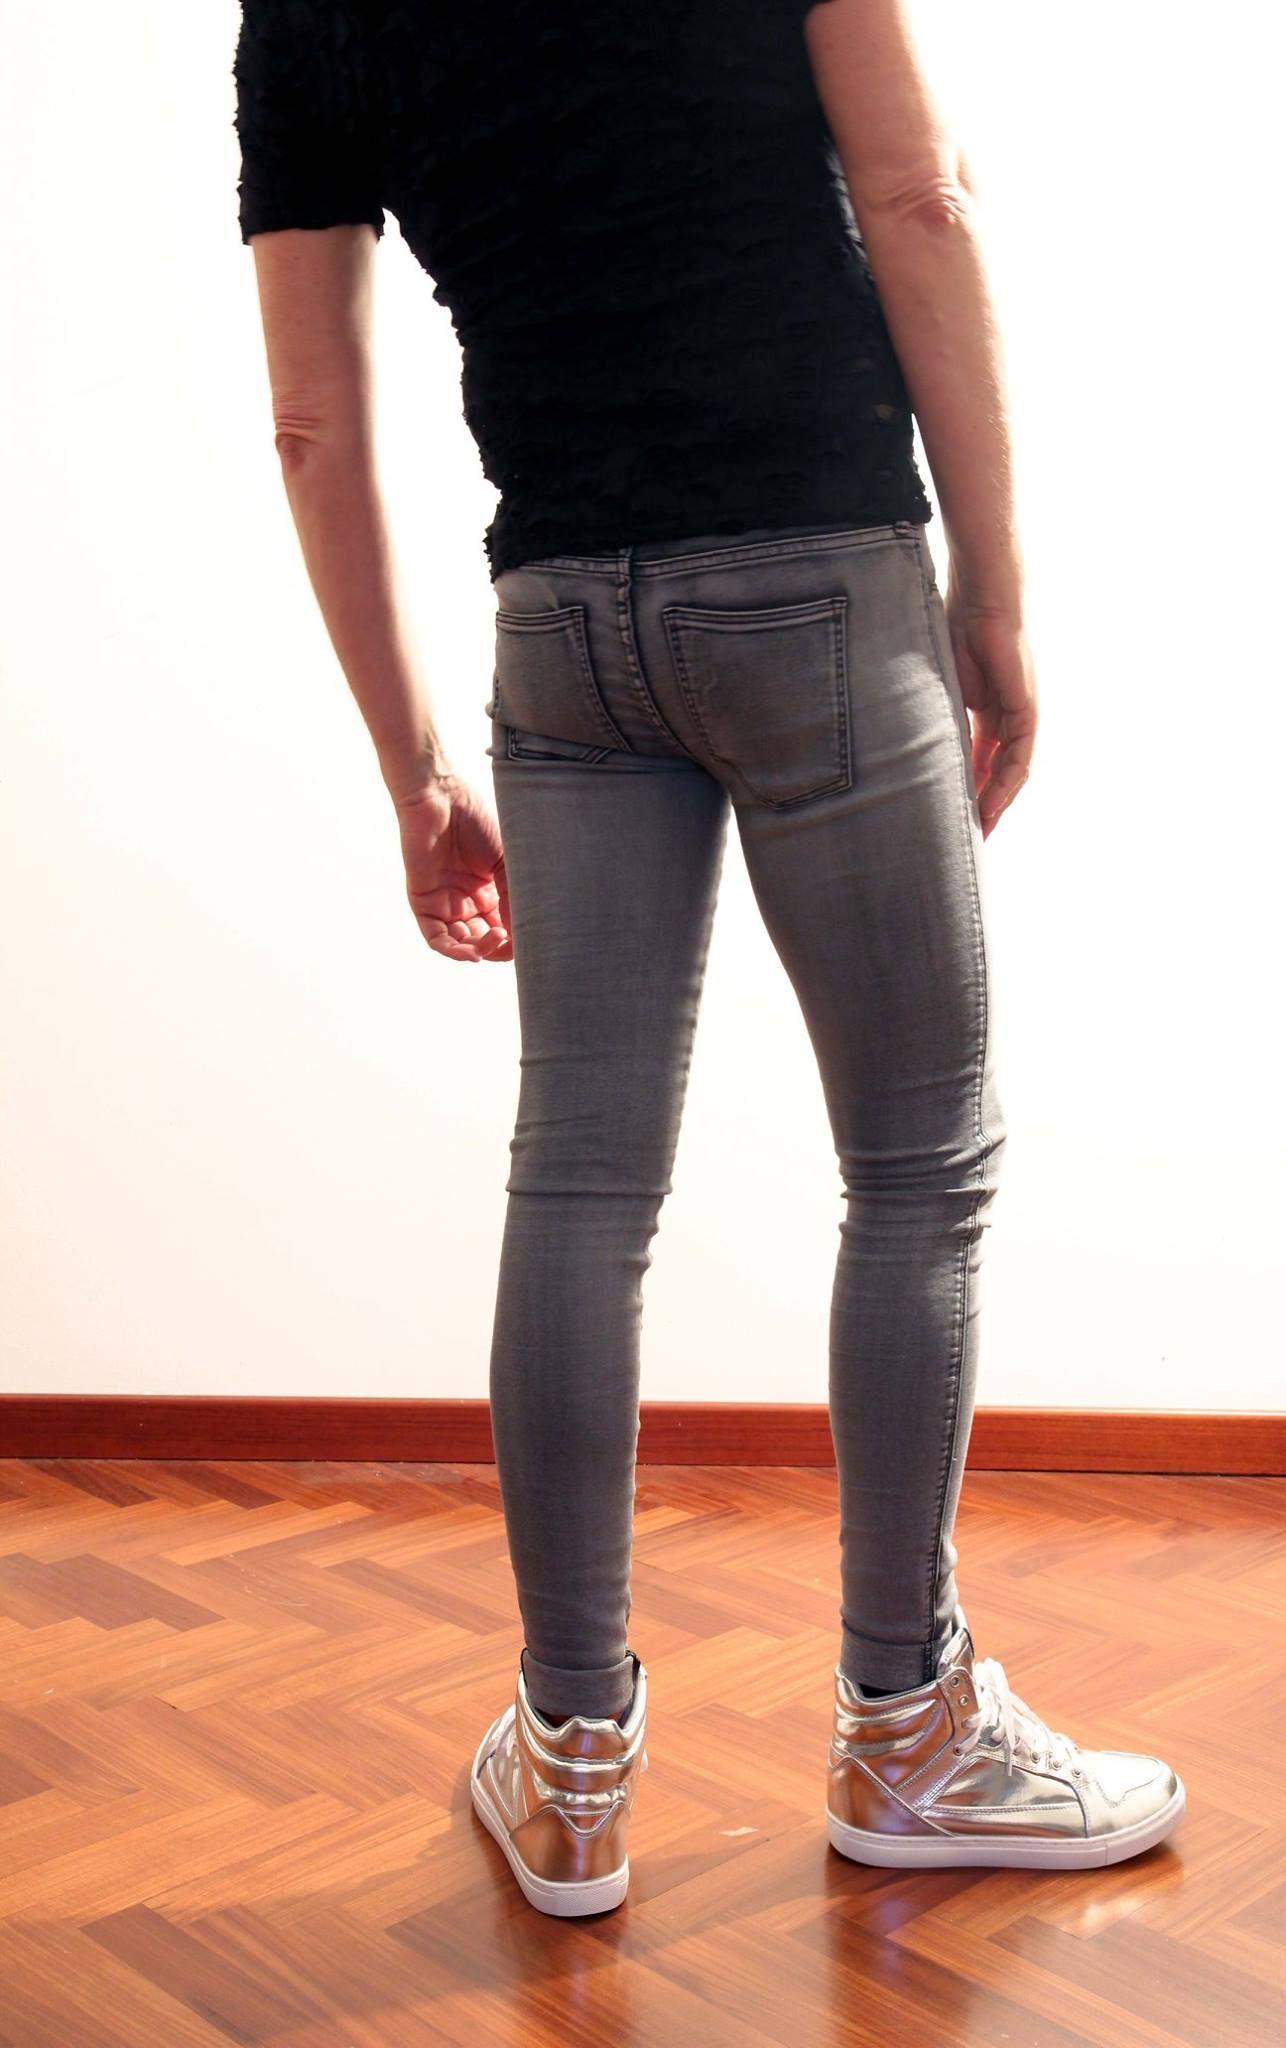 skinny j | Geek Fashion for Men in 2019 | Jeans, Nudie ...